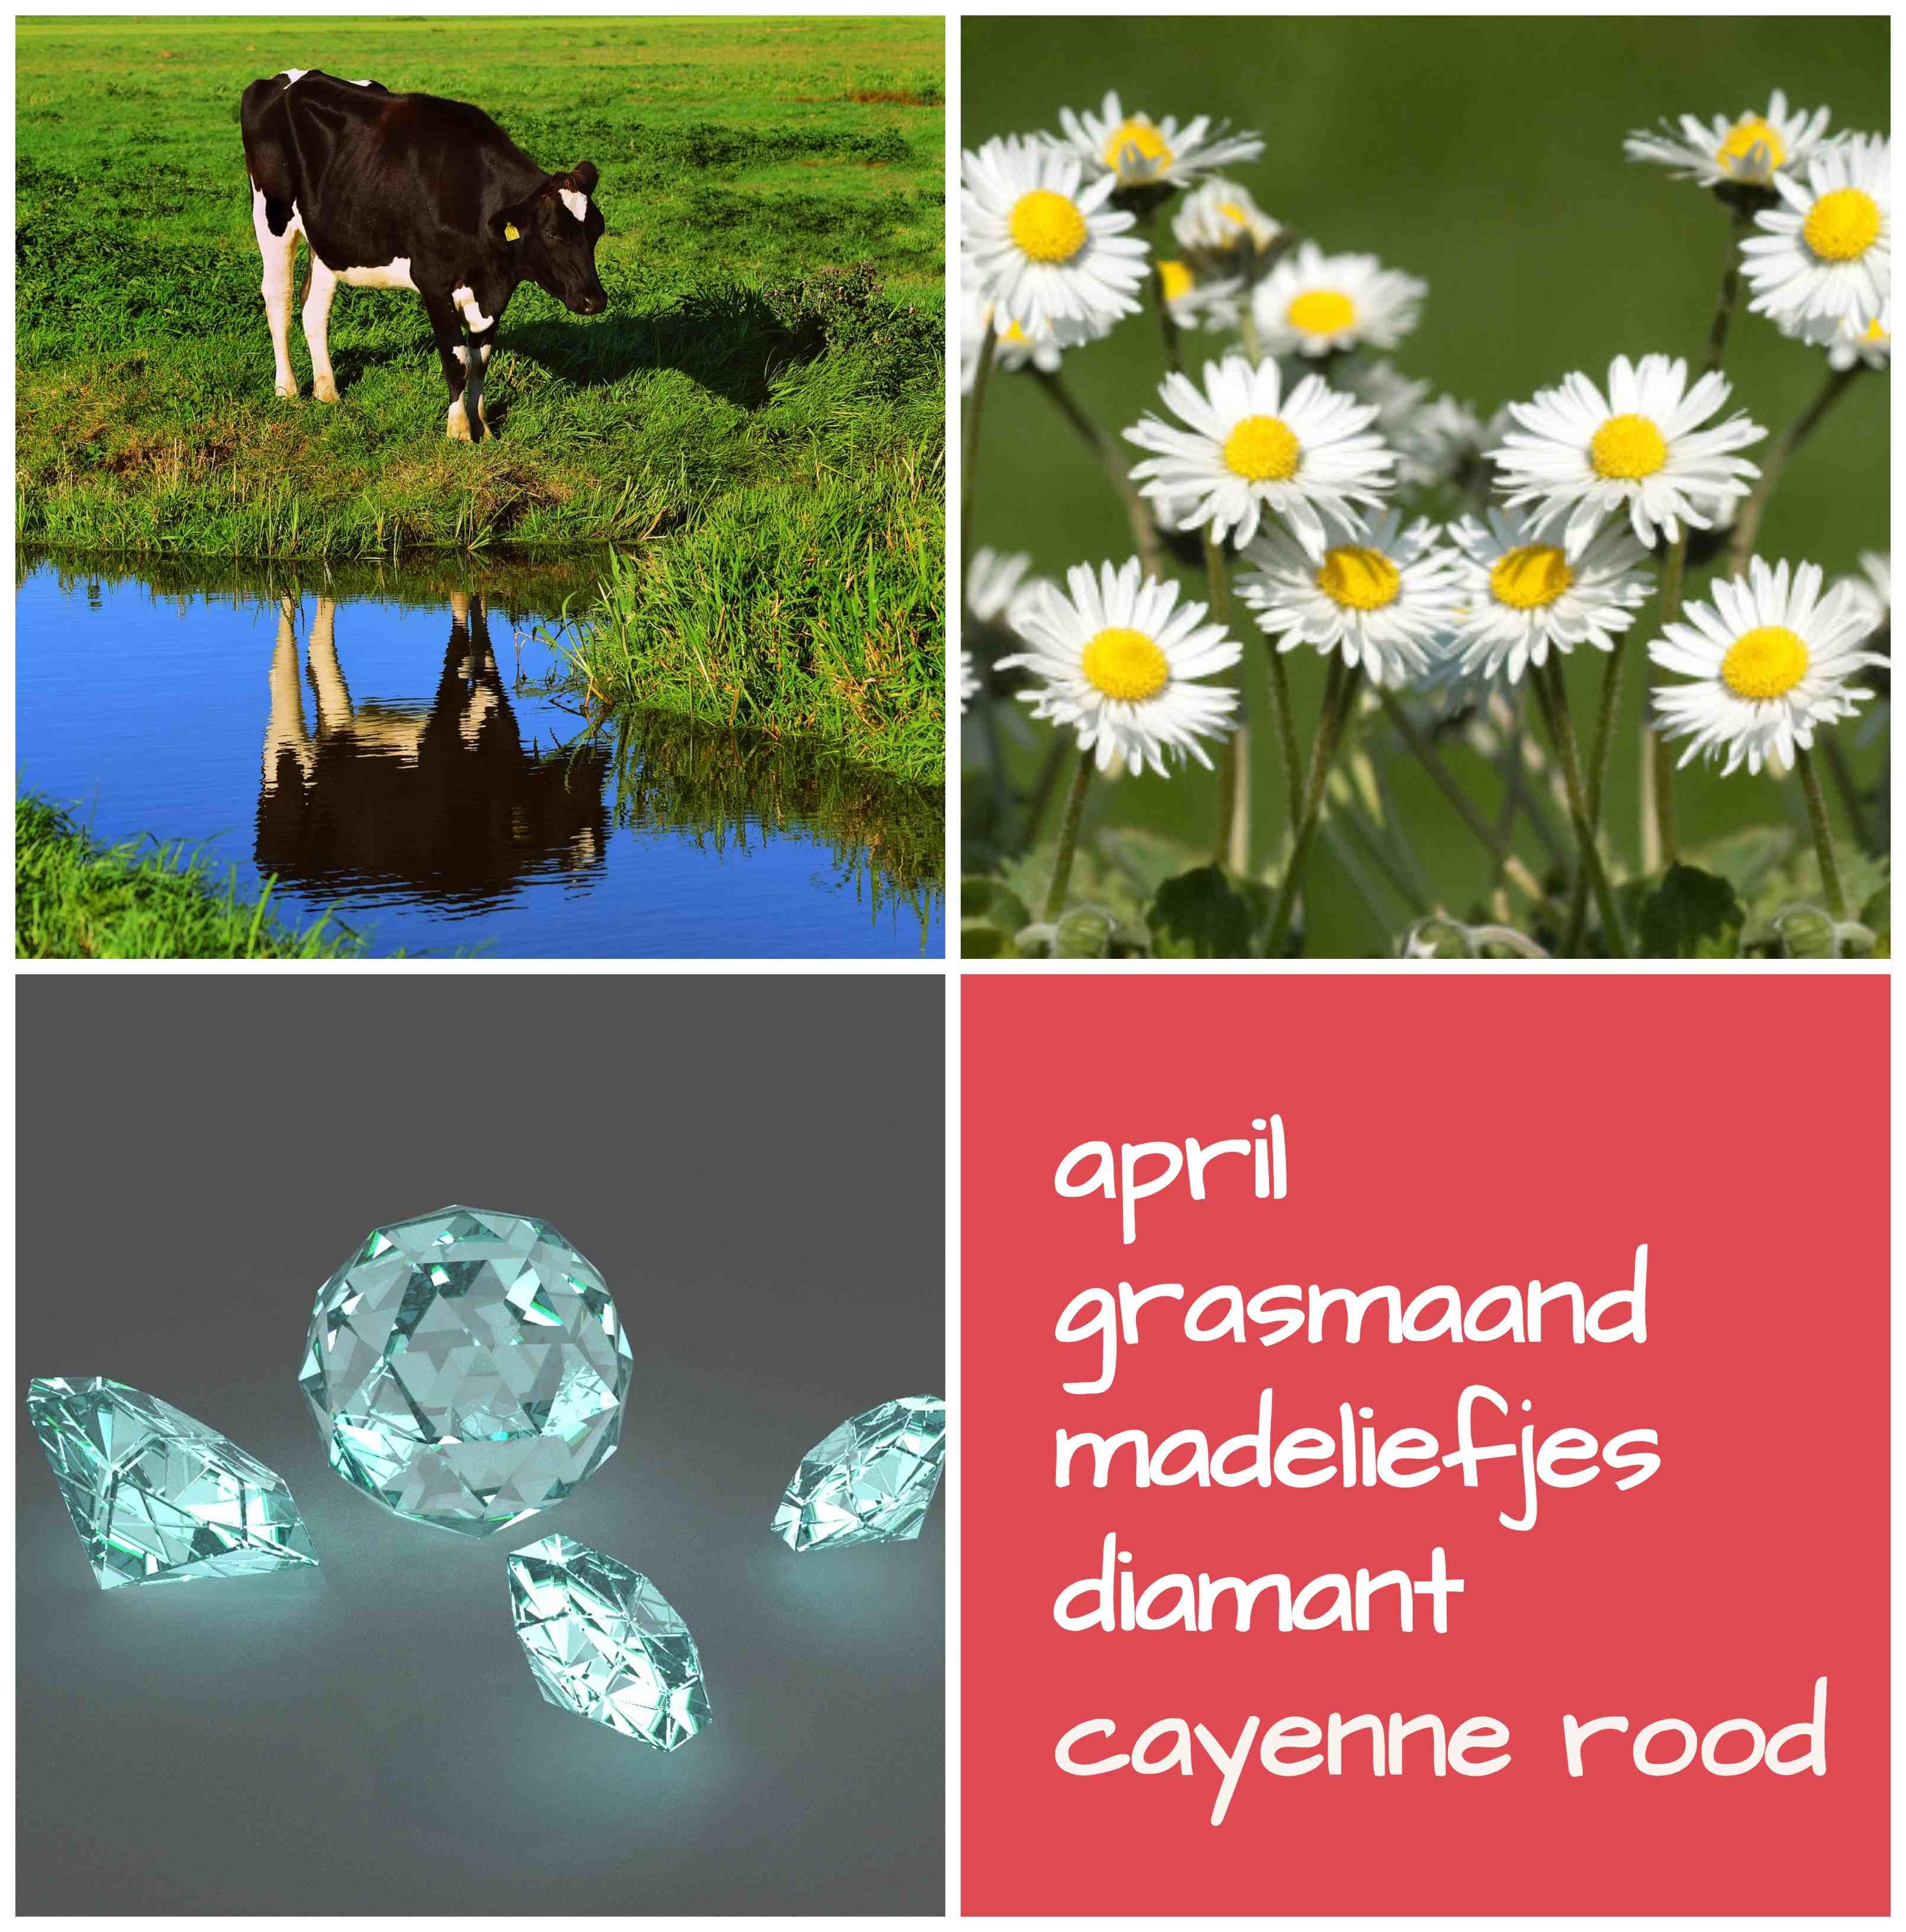 verjaardag april grasmaand geboortebloem geboortesteen geboortekleur